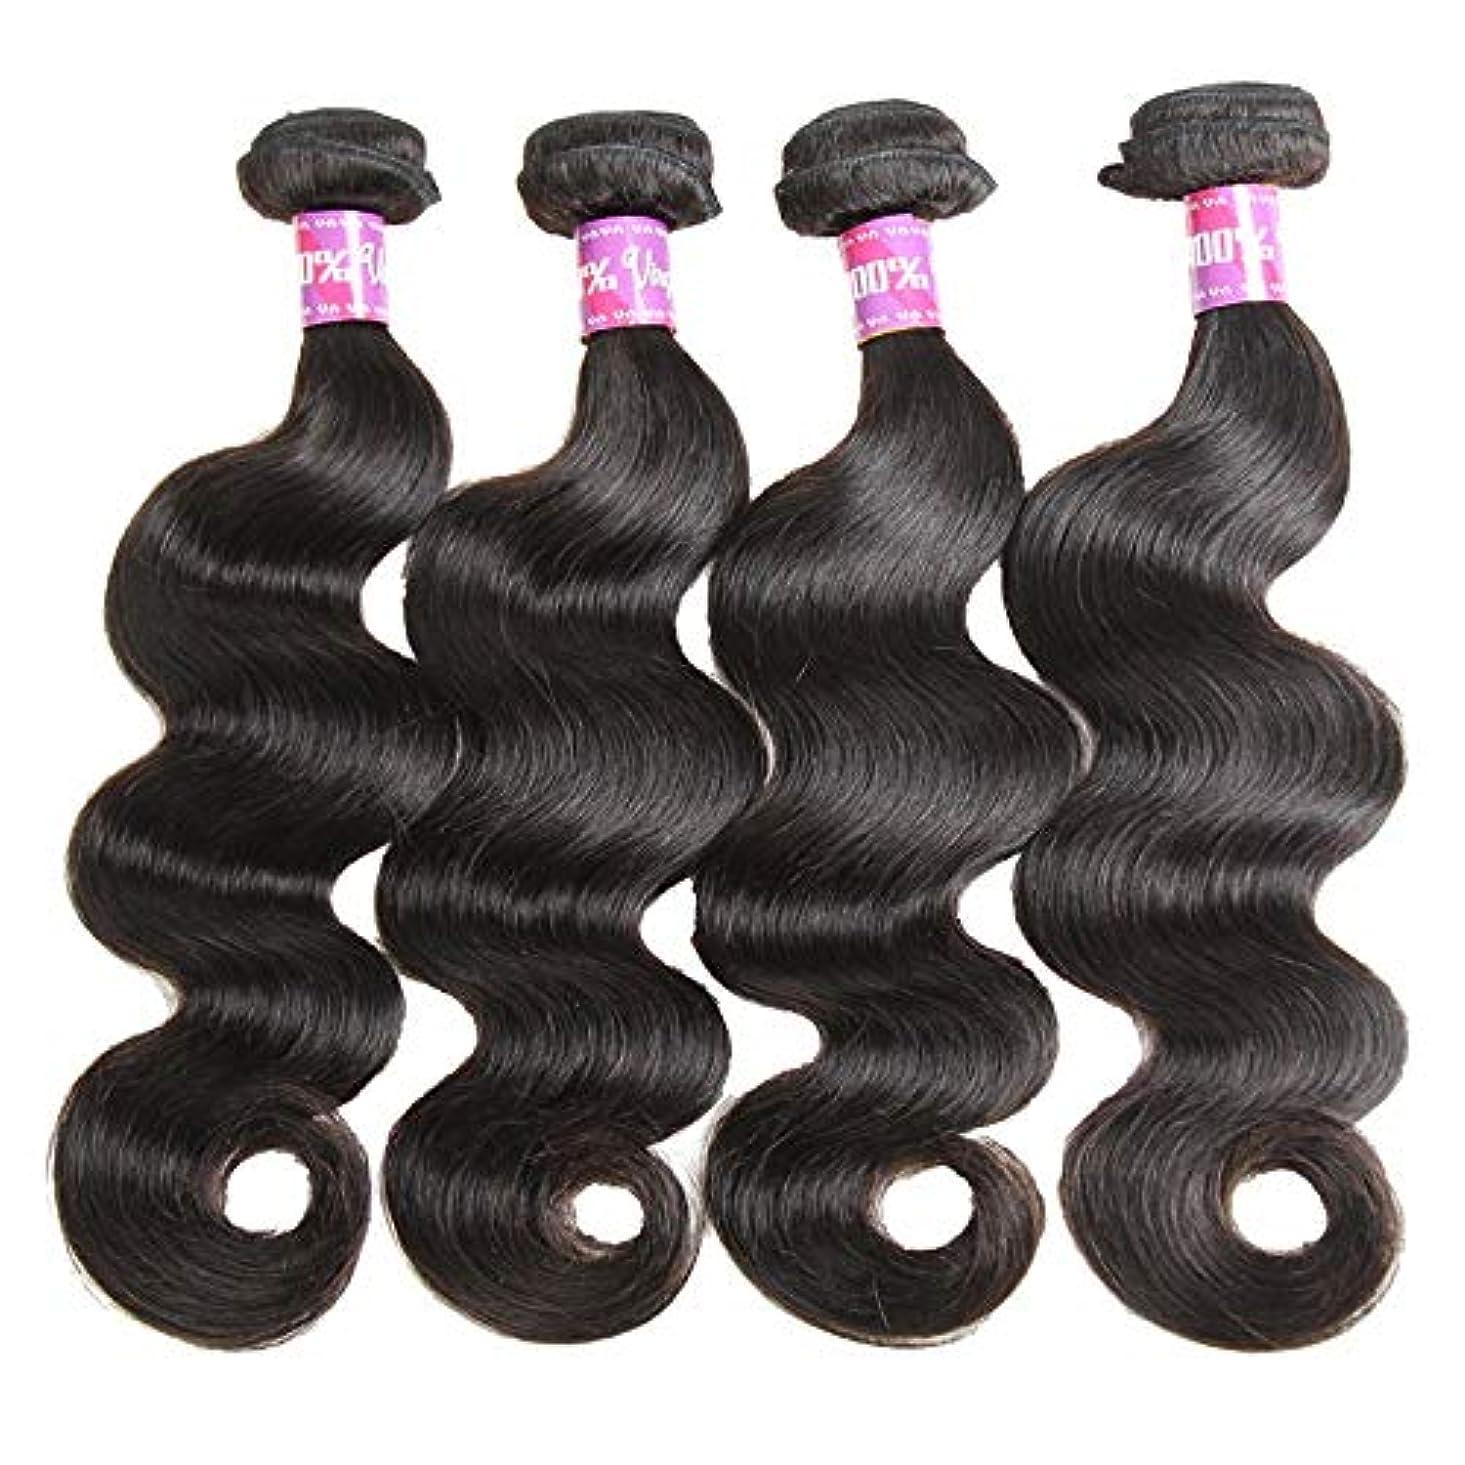 銛軍資格情報SRY-Wigファッション ヨーロッパとアメリカ黒人女性のための人間の髪の毛のかつら自然色 (Color : ブラック, Size : 24inch)